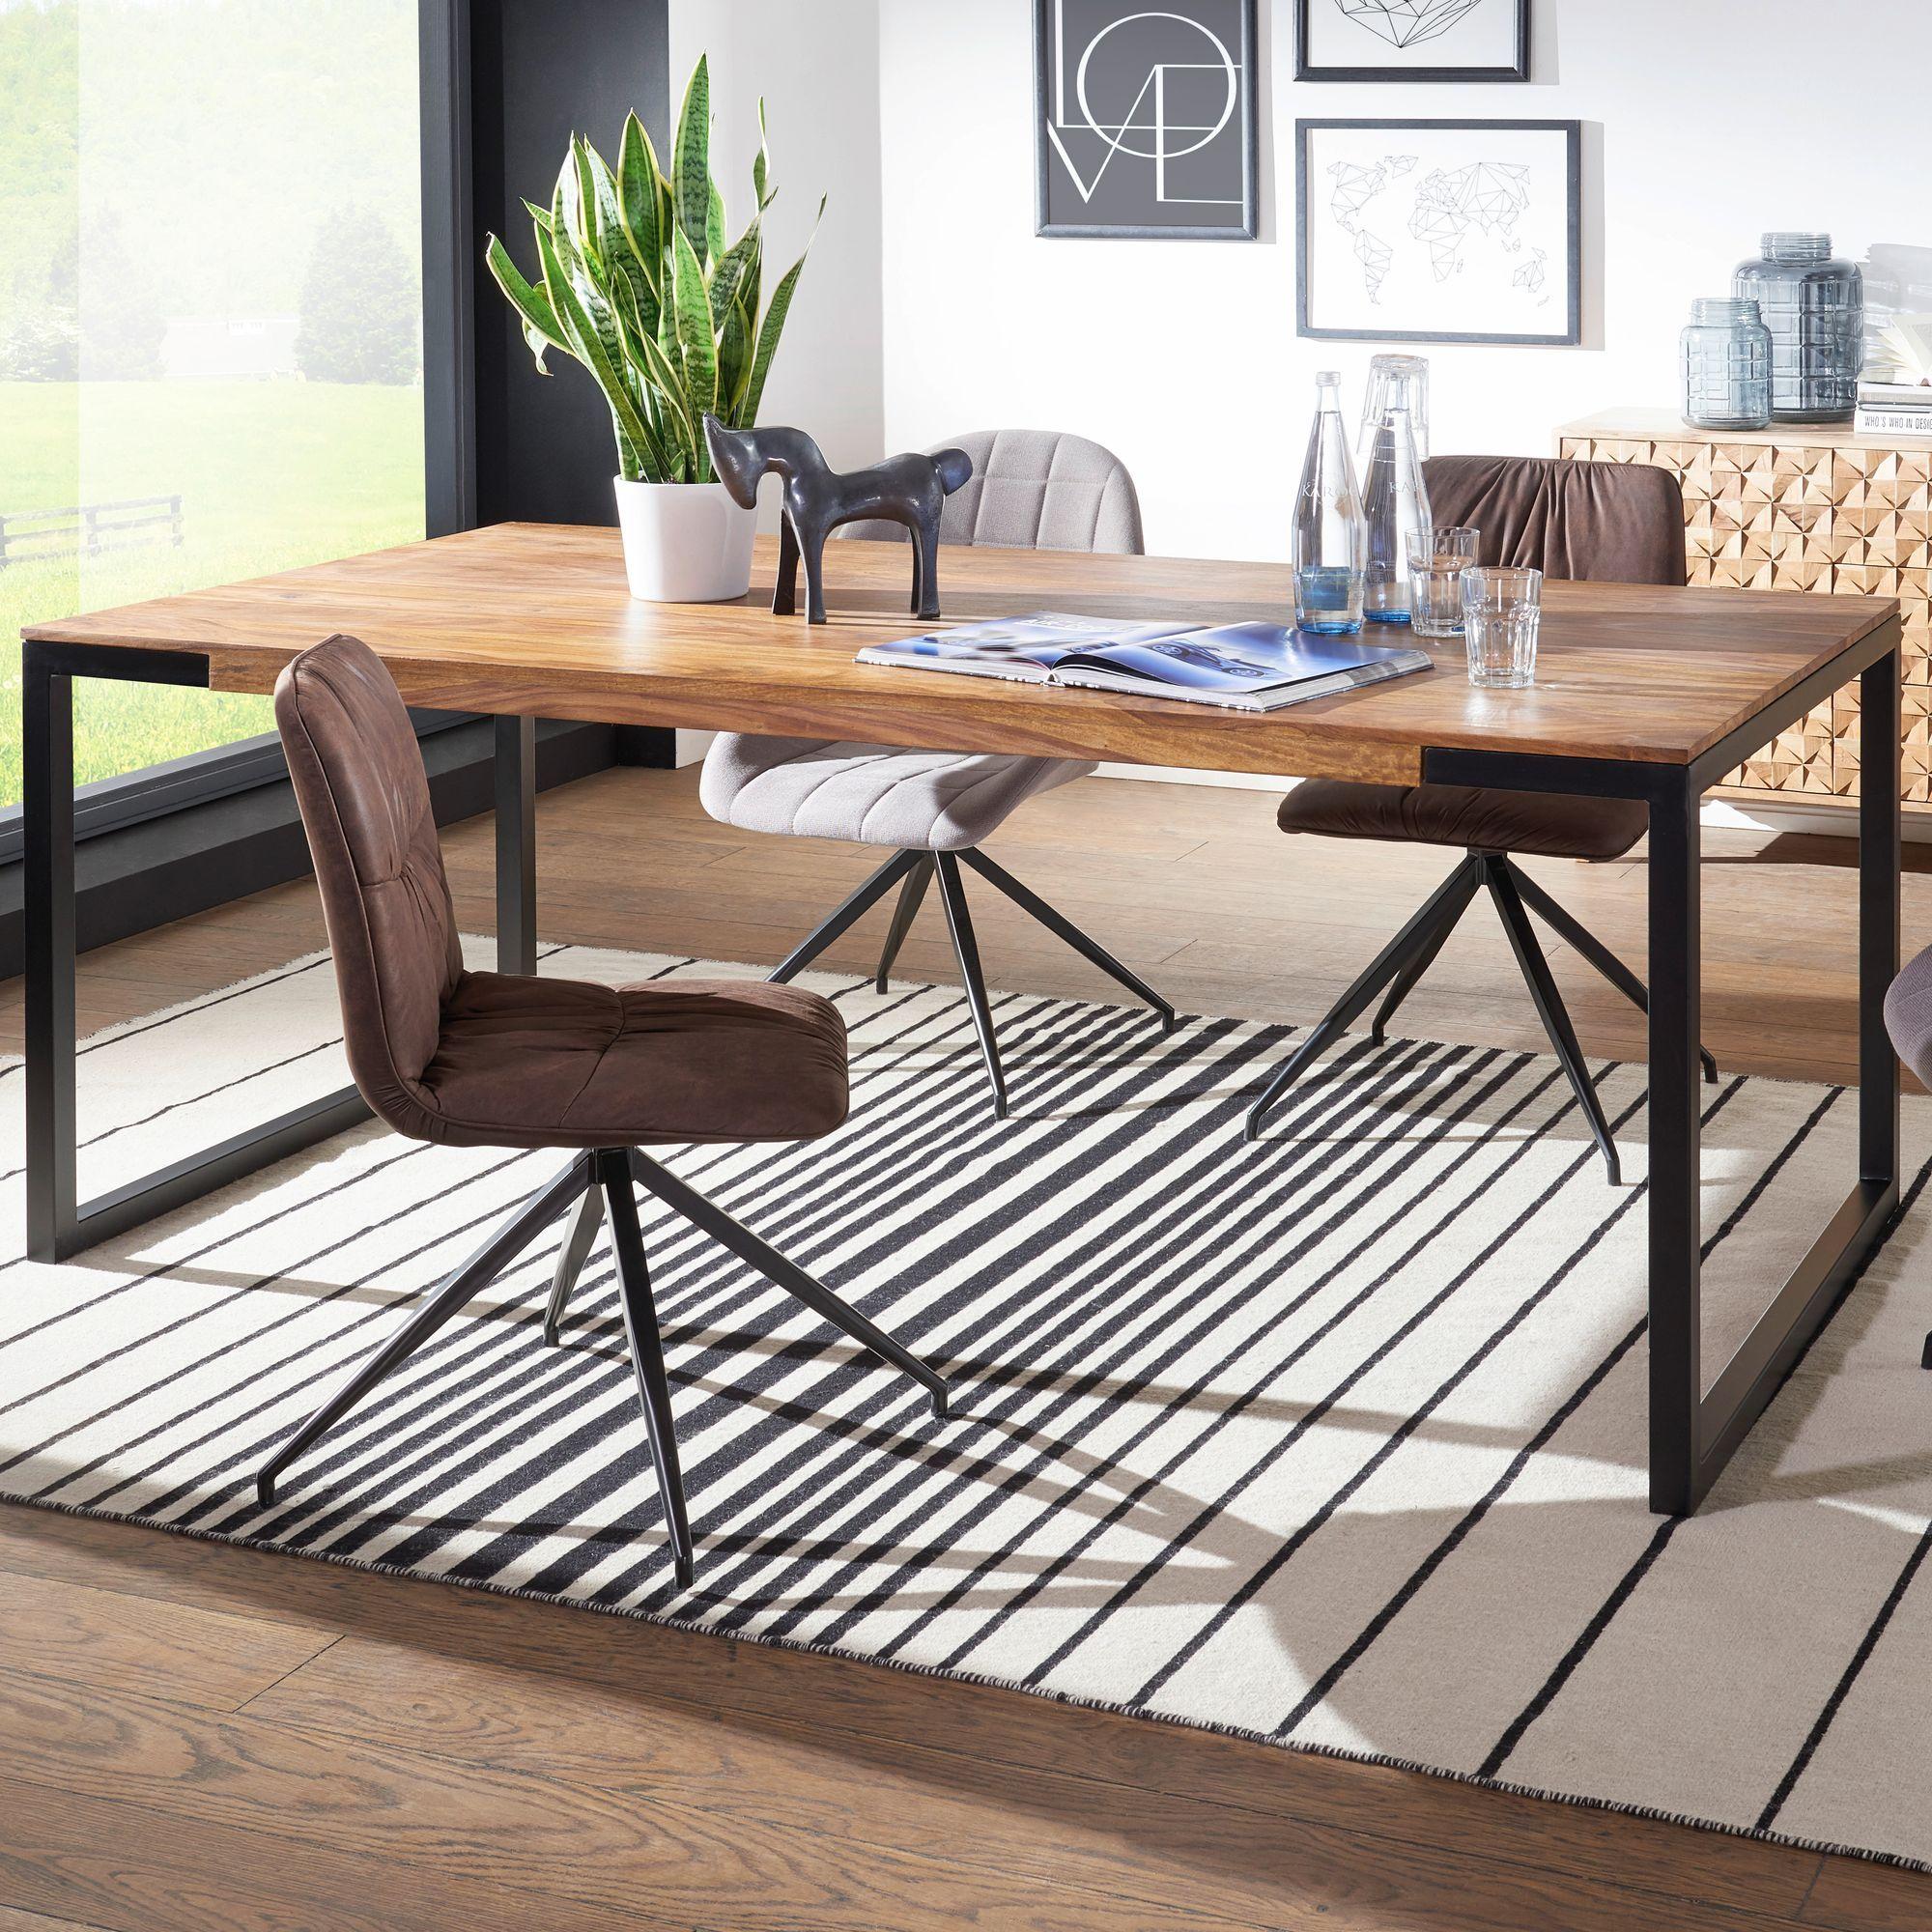 Finebuy Esstisch Sheesham Holztisch Esszimmertisch Tisch Mit Metallgestell Solid Wood Dining Table Dining Table Coffee Table